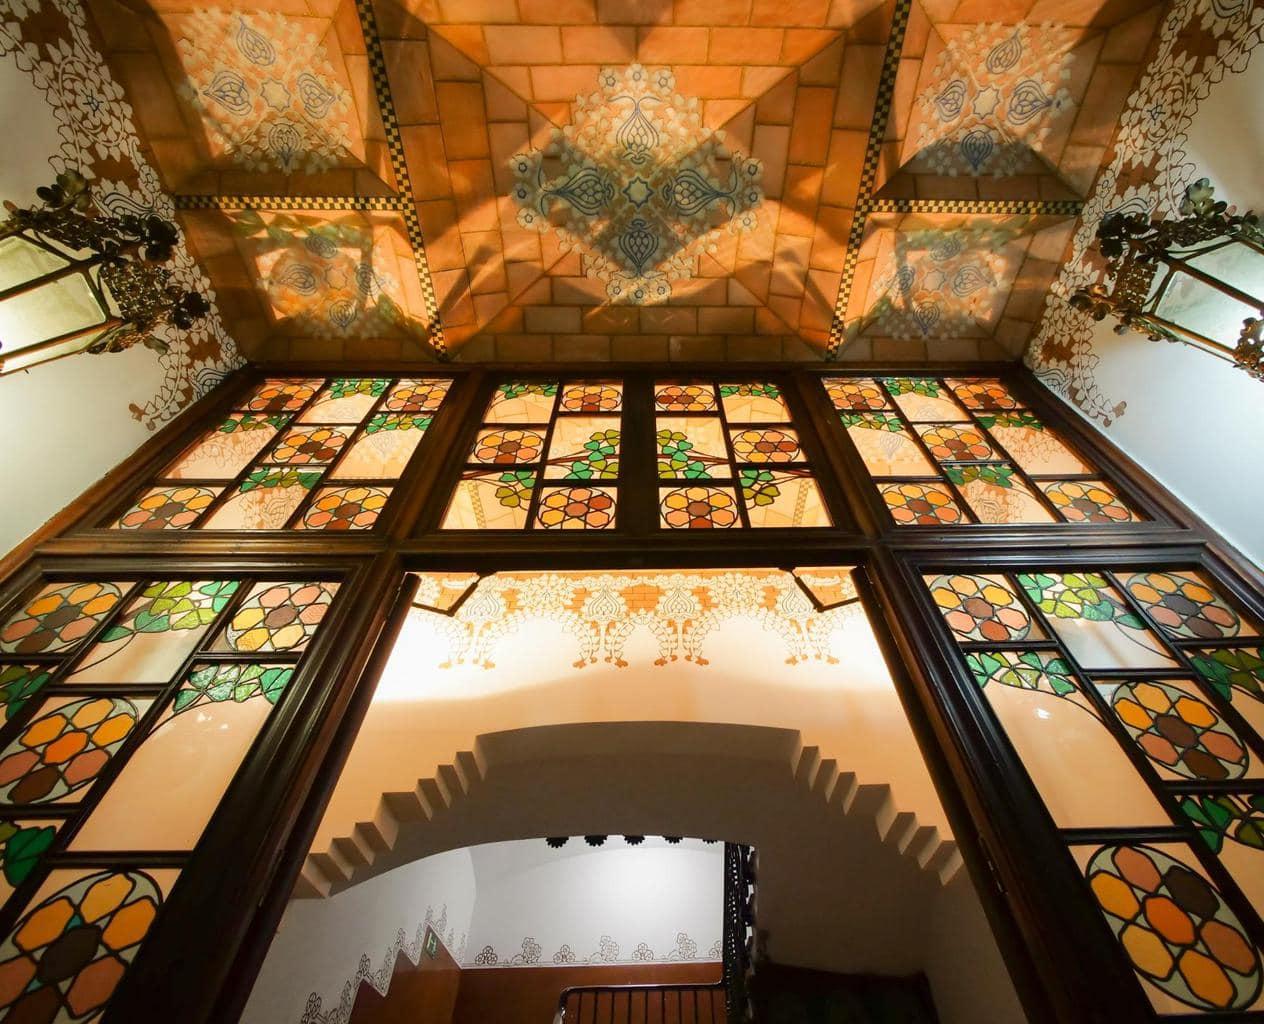 Entrance and ceiling to La Casa de les Punxes